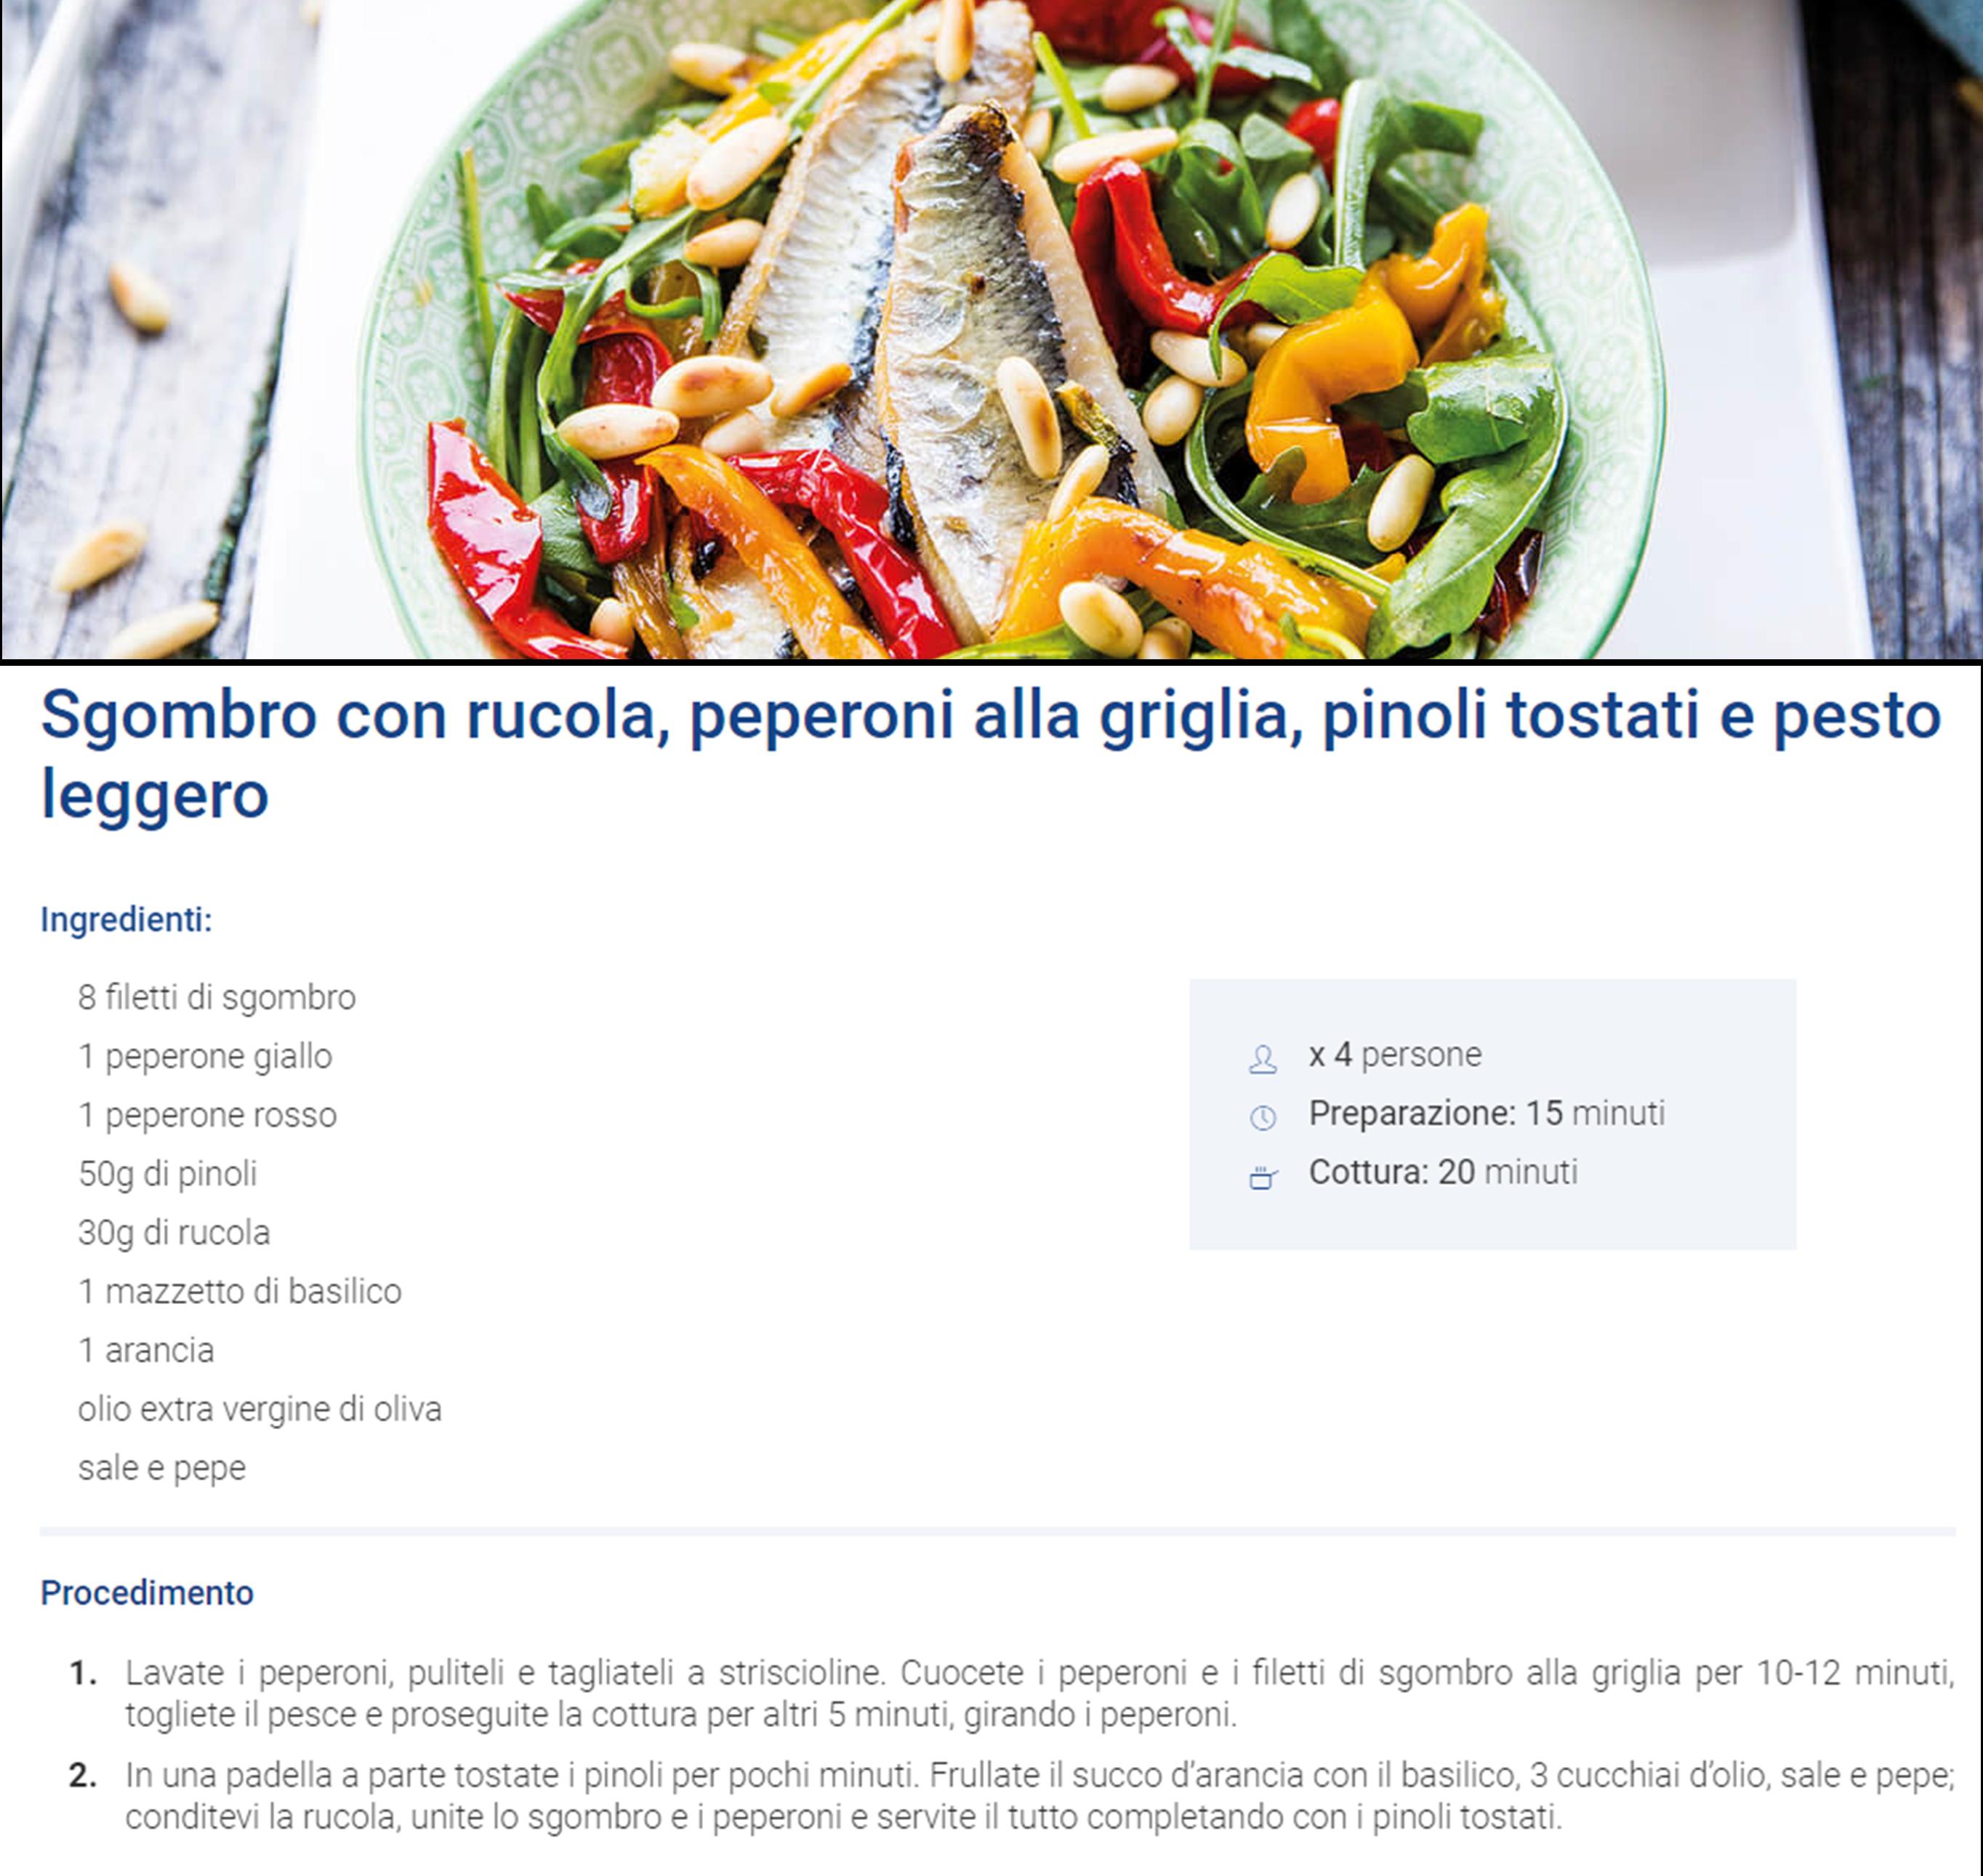 Sgombro con rucola, peperoni alla griglia, pinoli tostati e pesto leggero